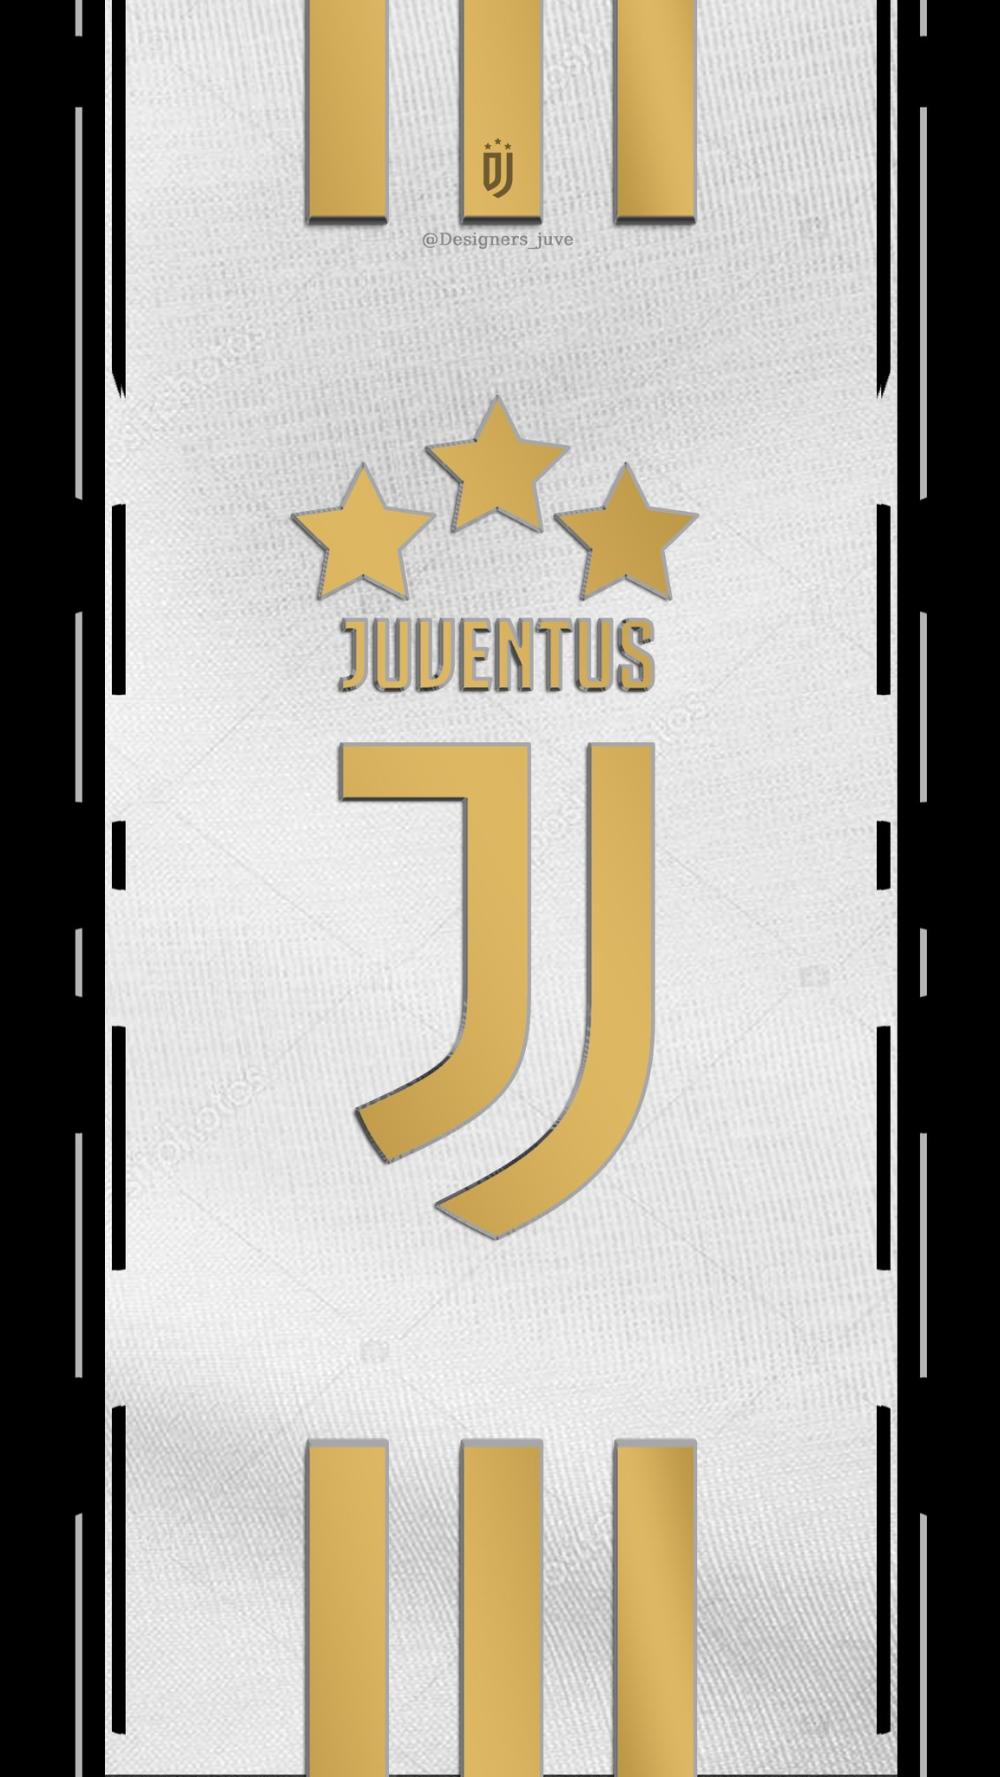 Ole Juve On Twitter Juventus Wallpapers Juventus Soccer Juventus Stadium